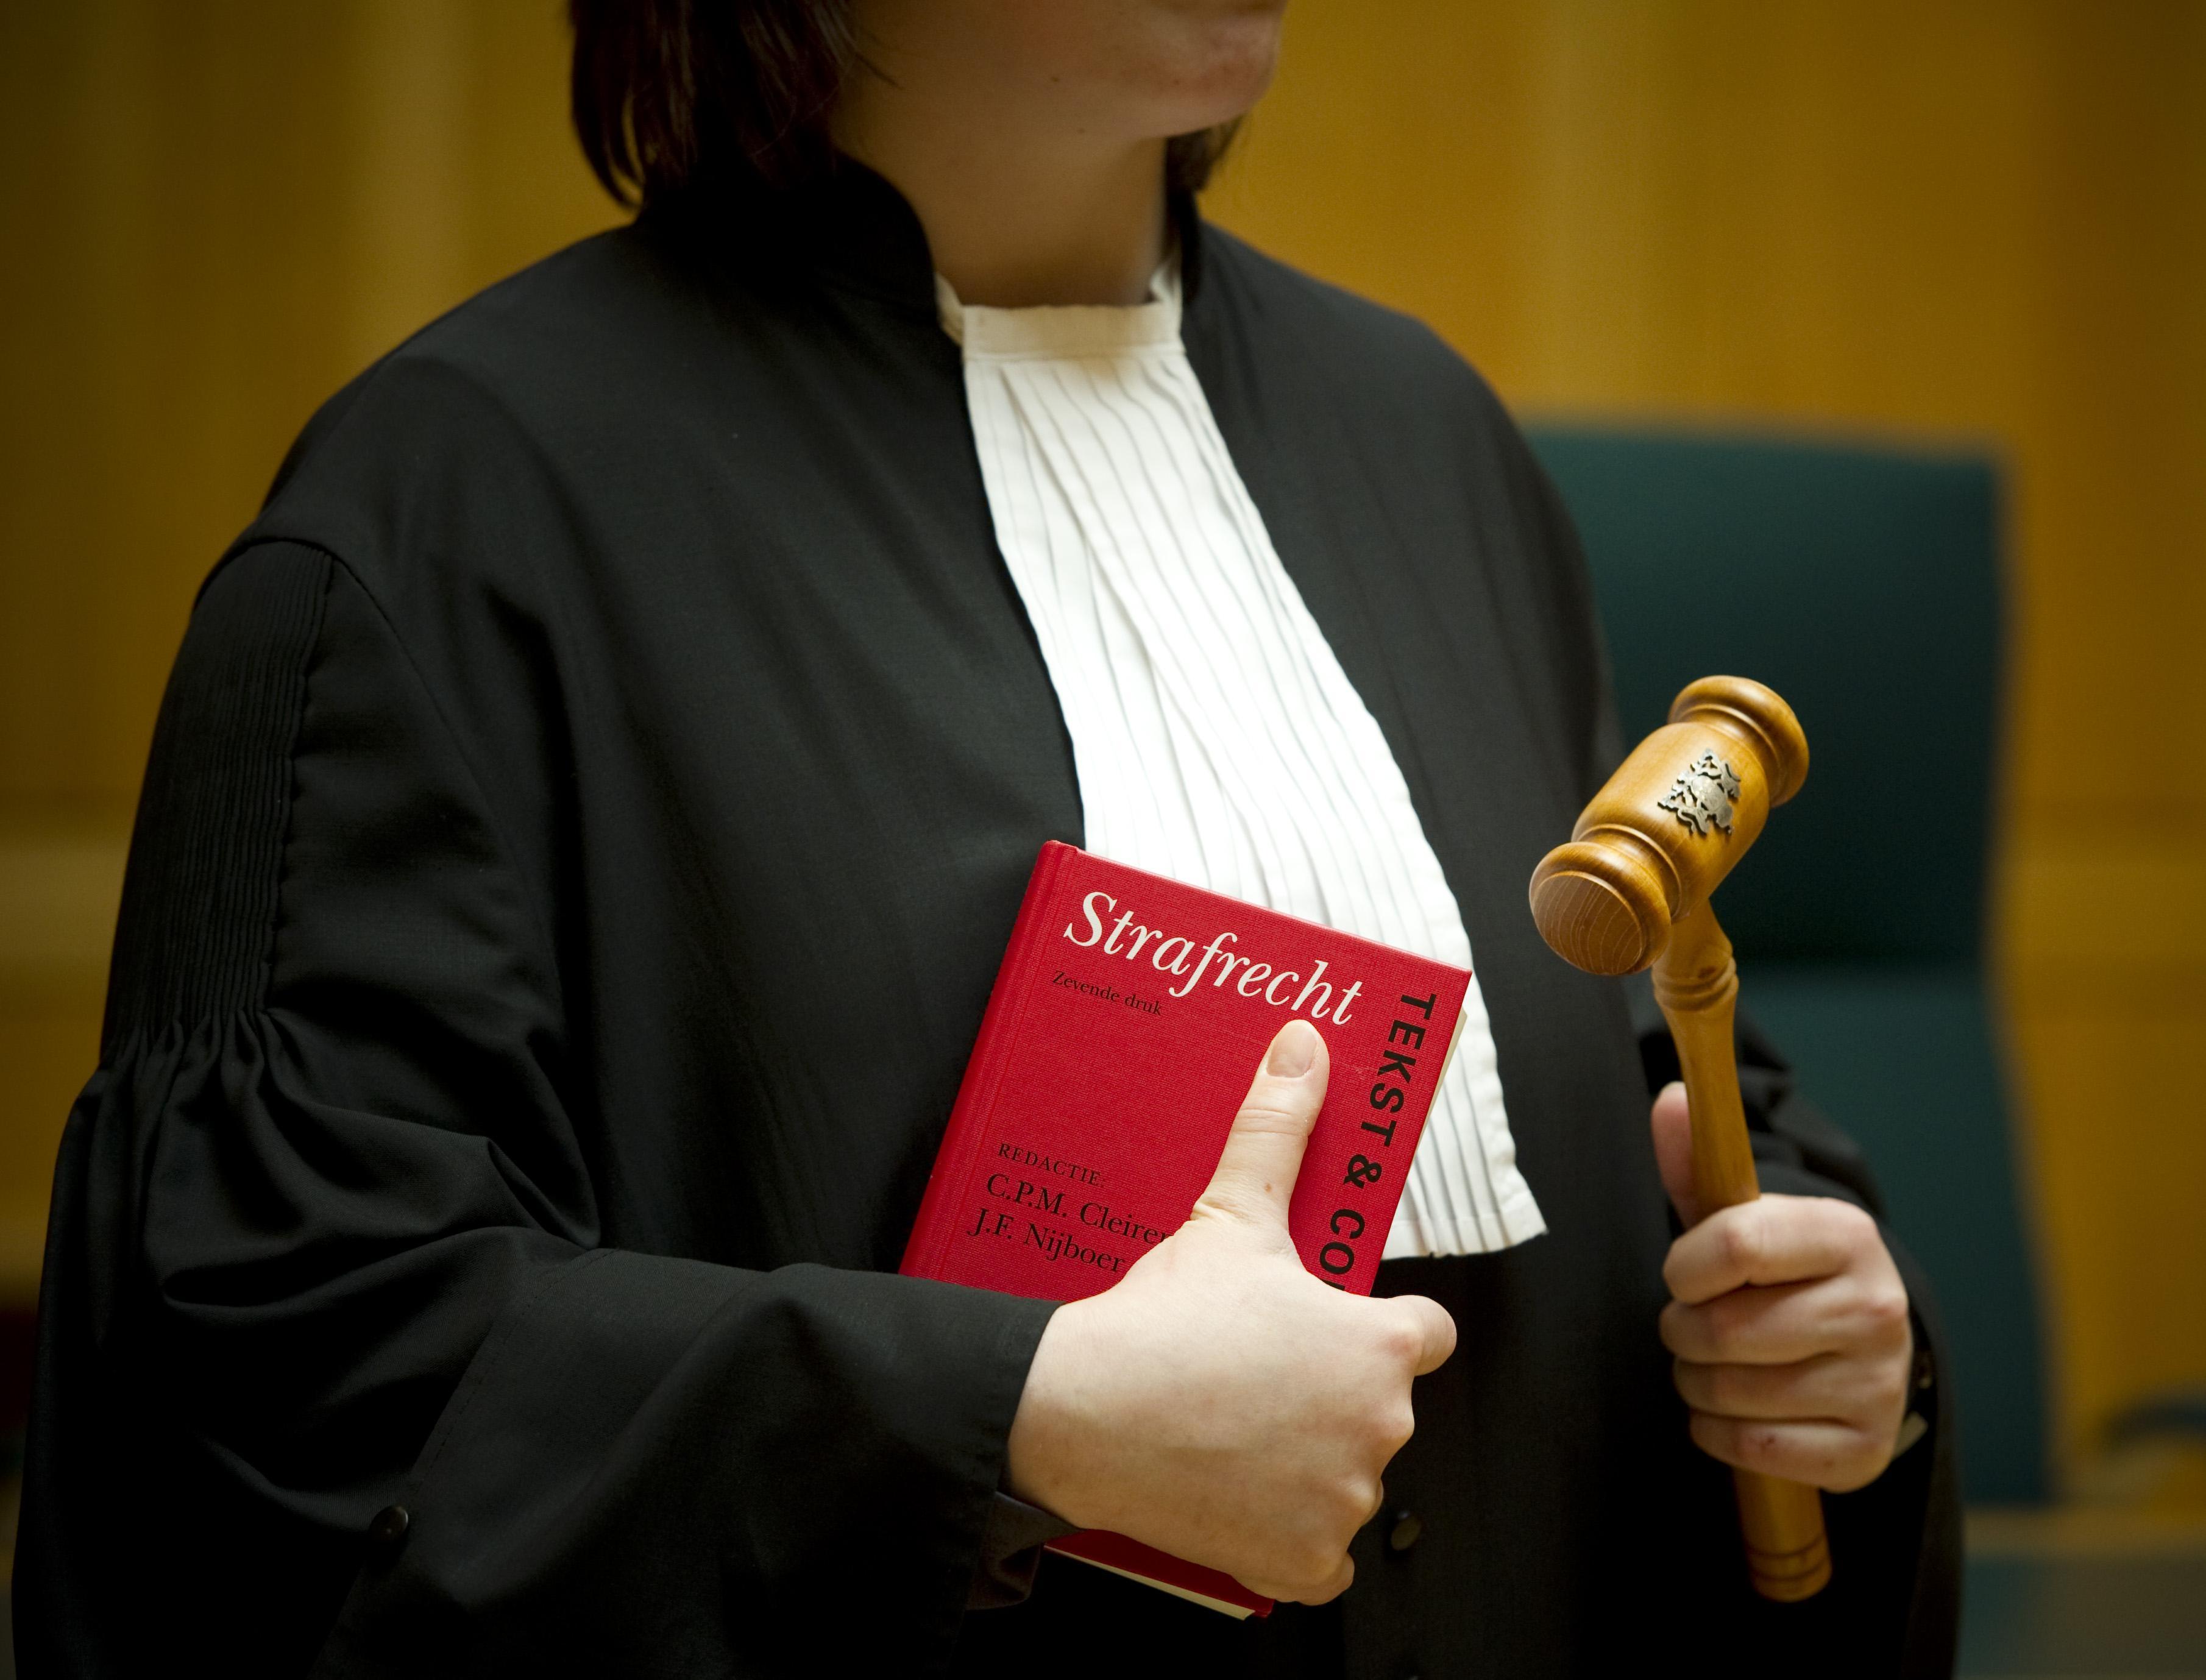 Purmerendse verdachte van verkrachting hoort veertig maanden cel eisen, maar beweert: 'Wel seks, geen dwang'